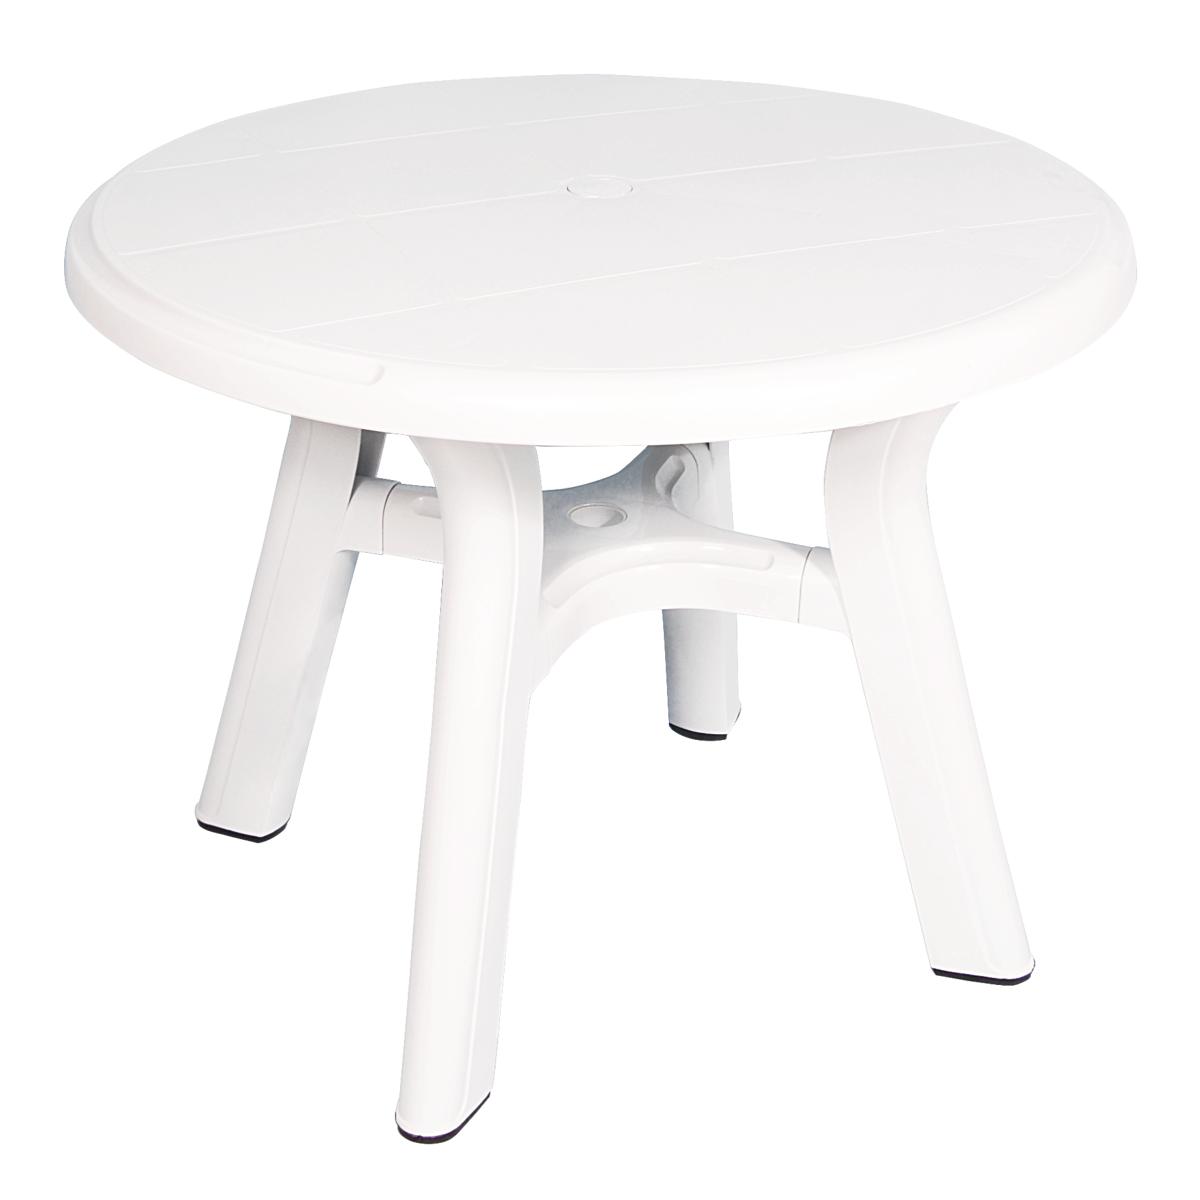 Table ronde de jardin en plastique - Diamètre 95 cm (Blanc)